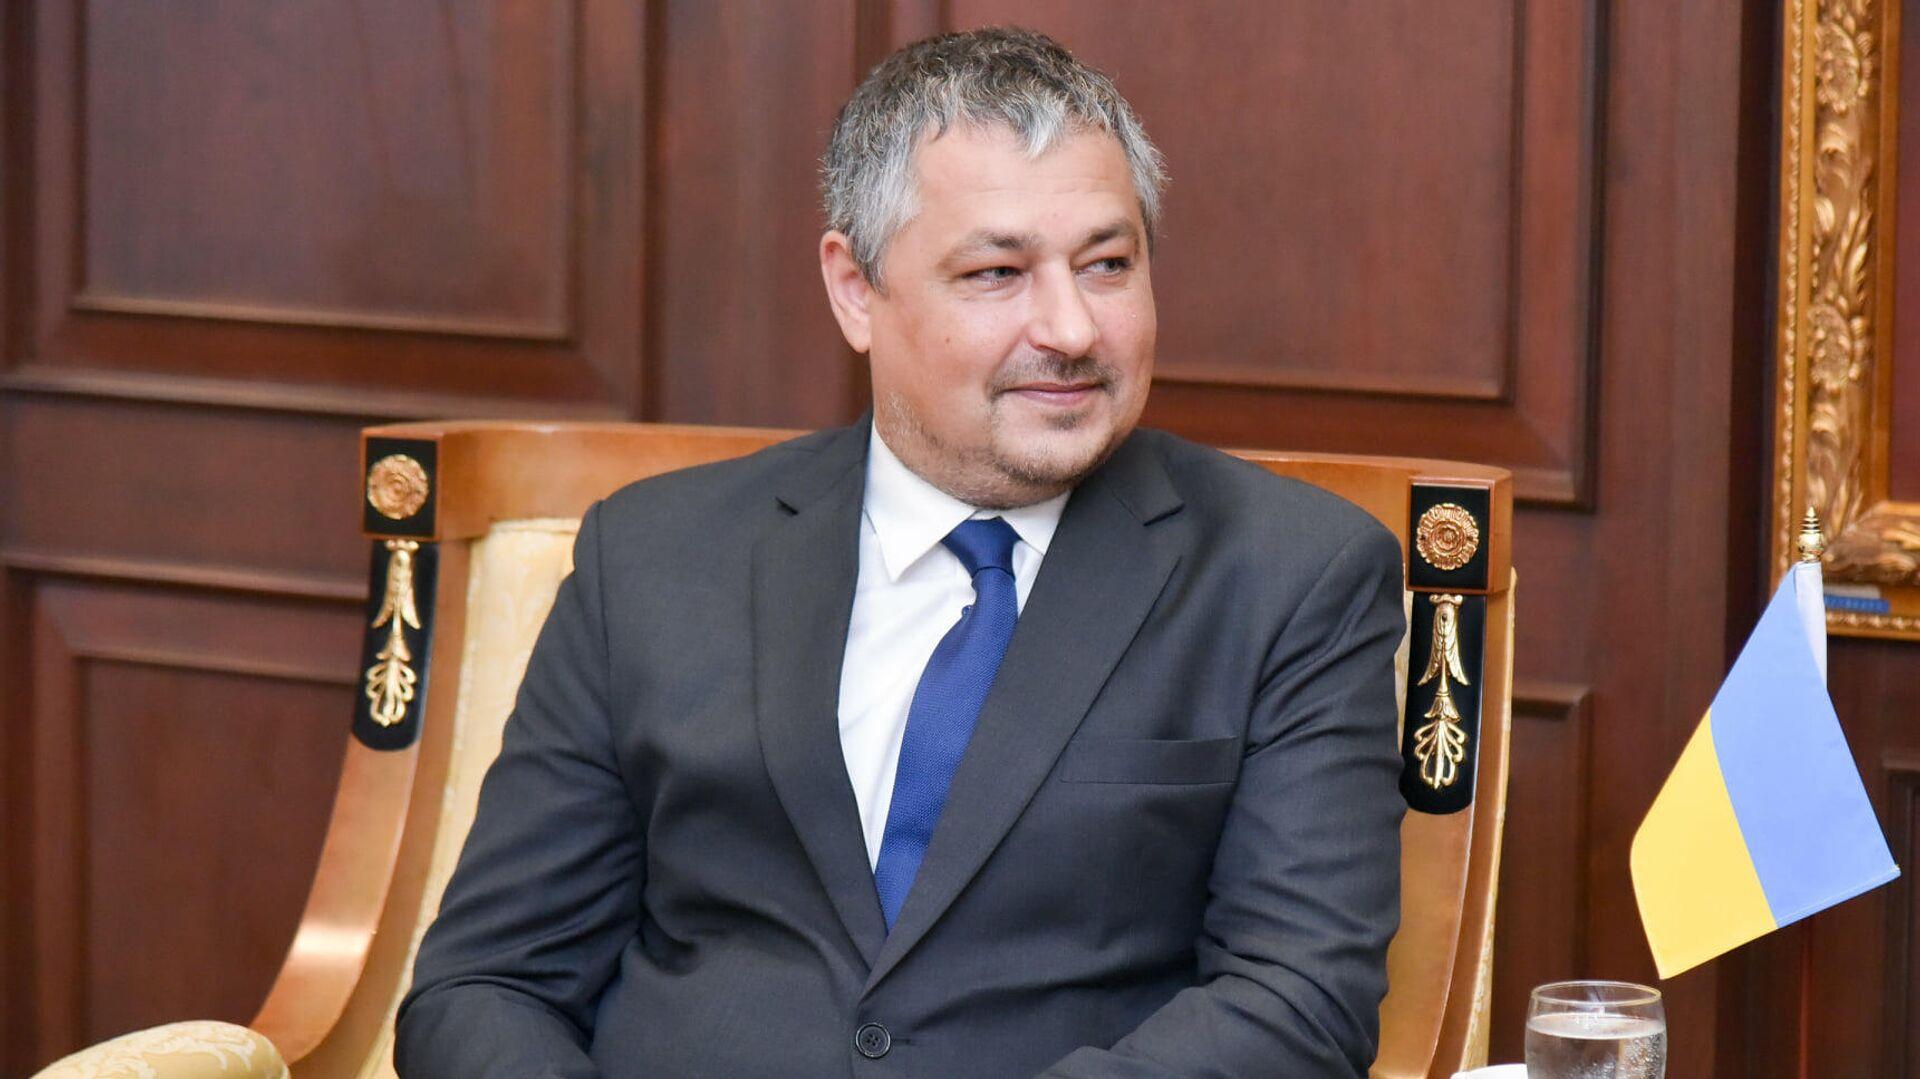 Посол Украины в Таиланде Андрей Бешта - РИА Новости, 1920, 30.05.2021